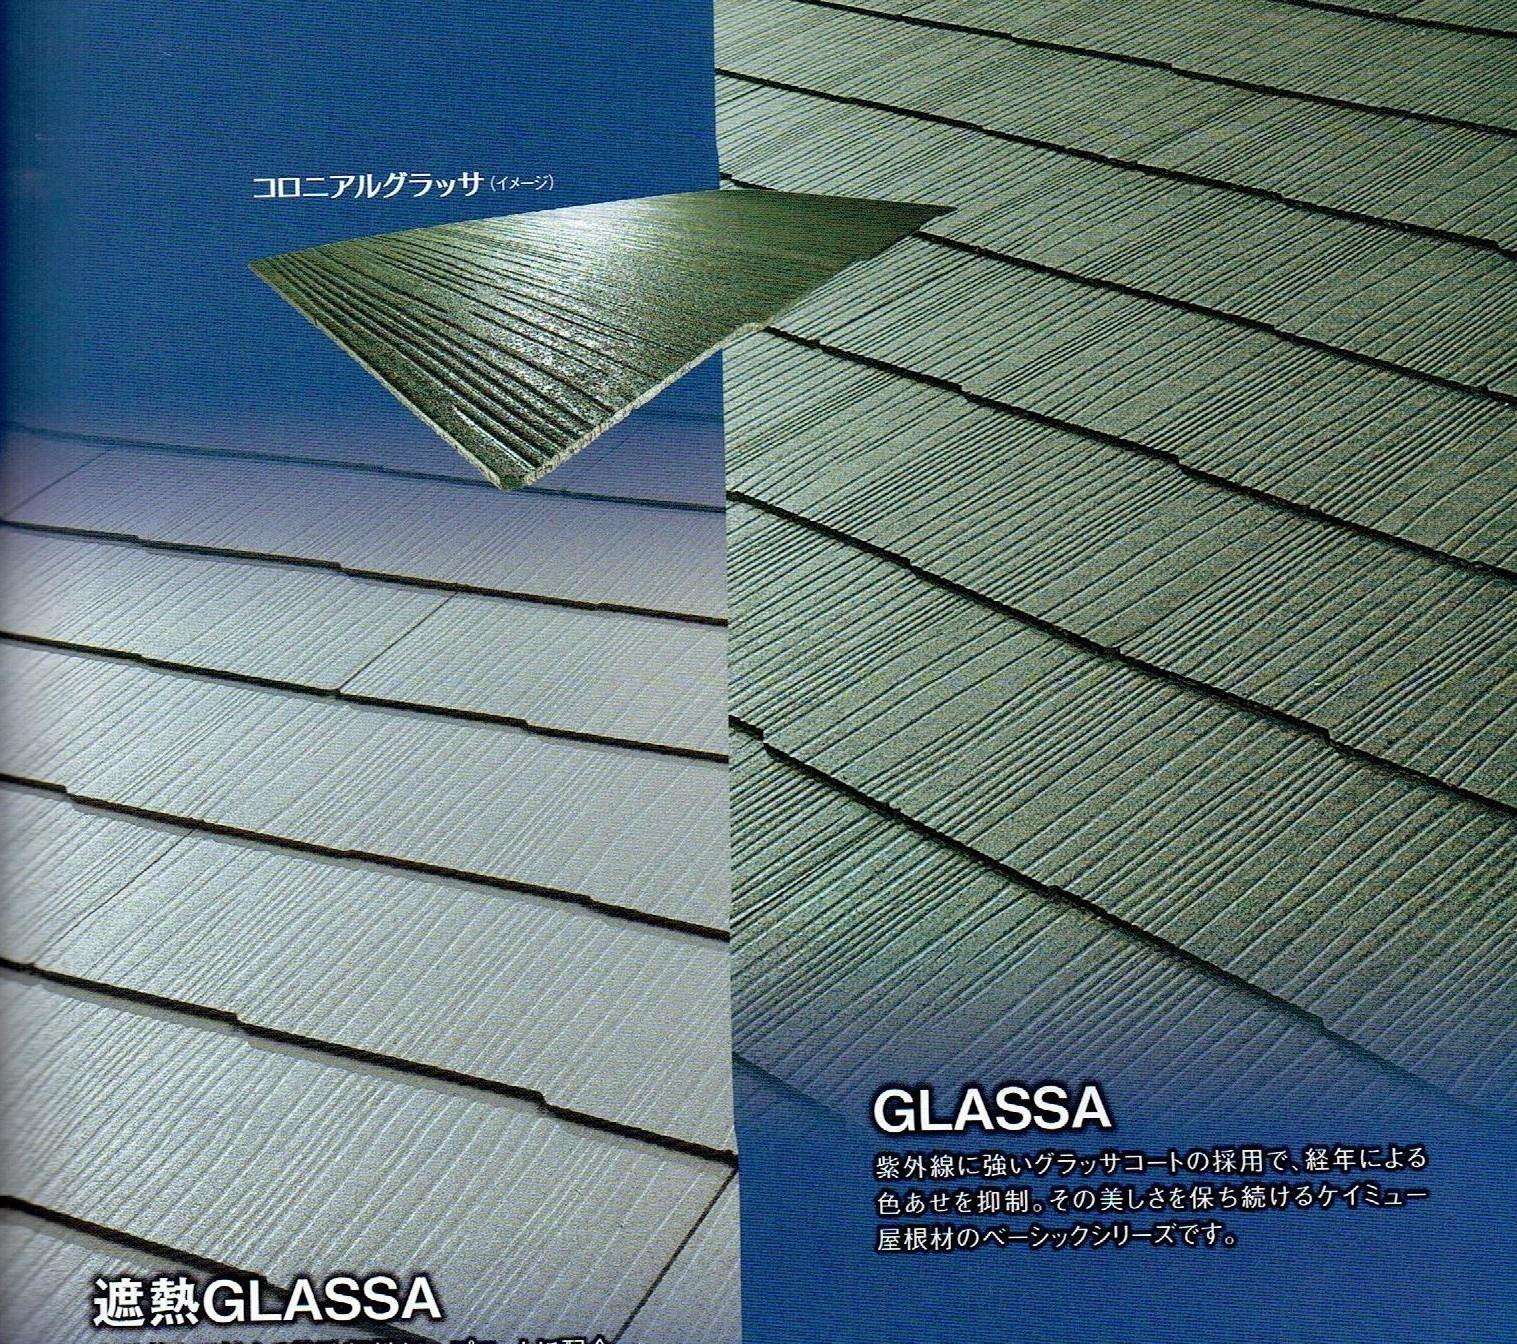 Sell Kmew Type Glassa From Indonesia By Pt Mitranda Bangun